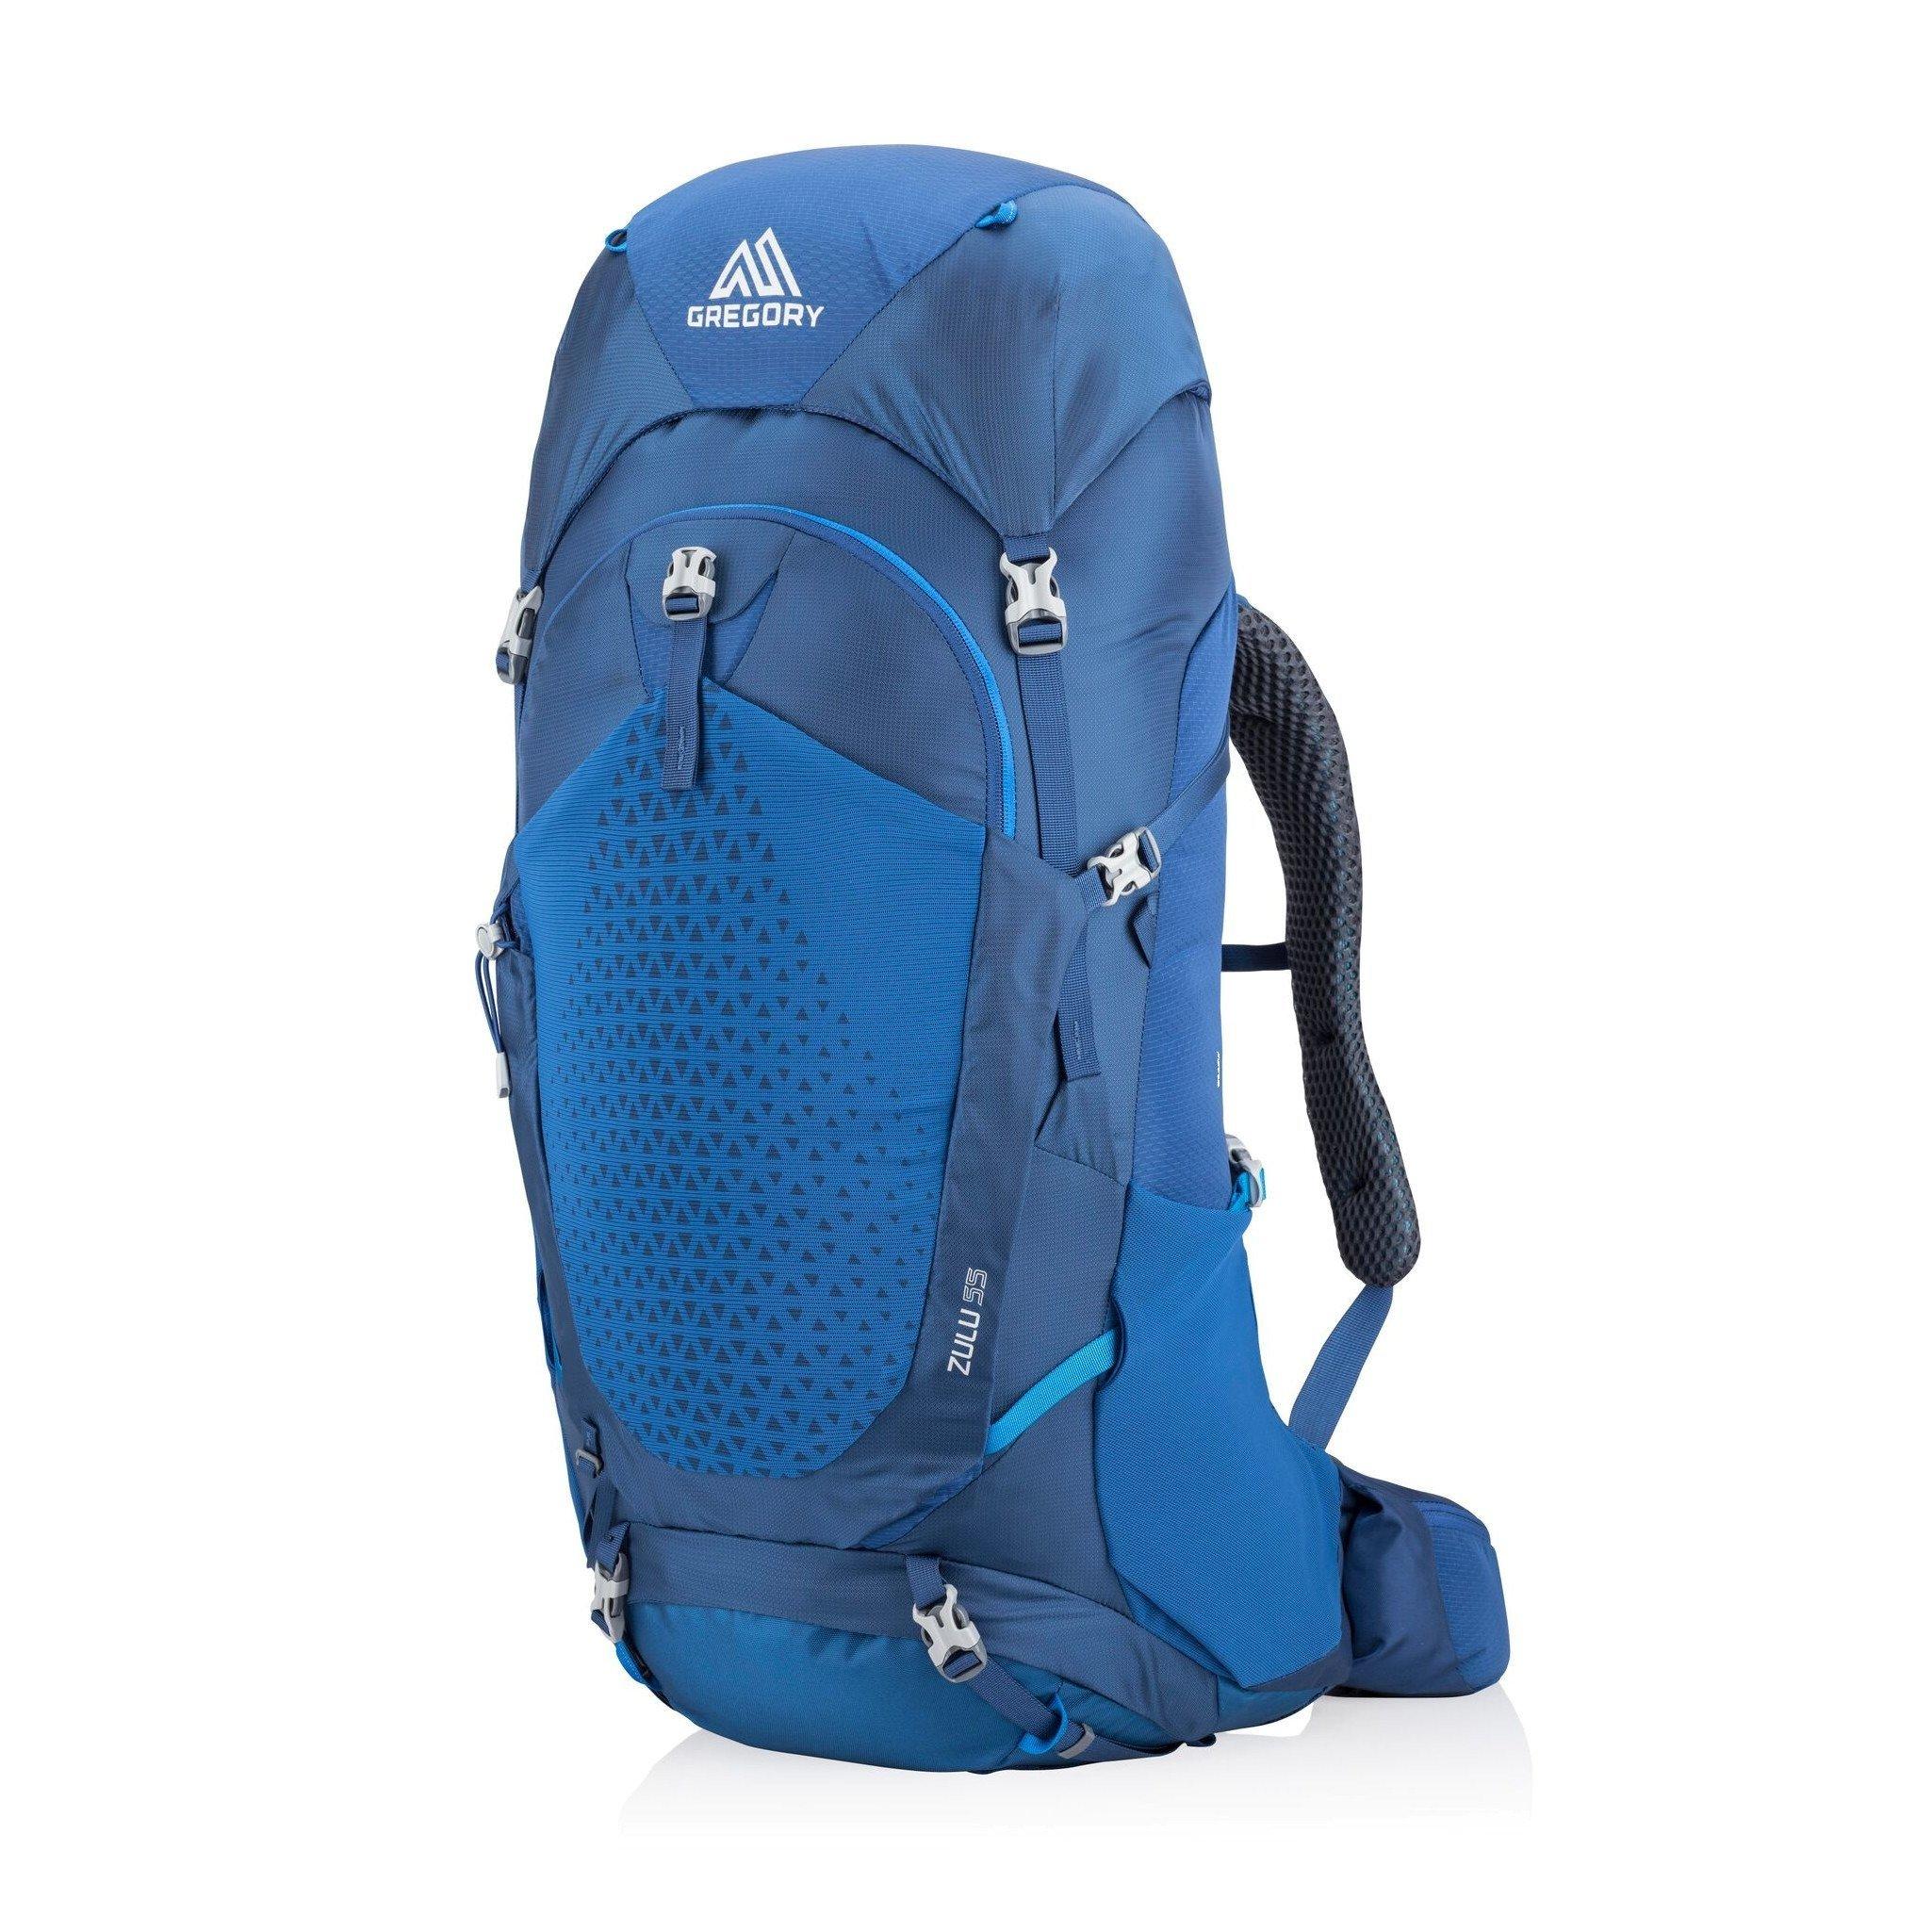 b1bb01c078ec3 Plecak ZULU 55 MD/LG | podróże i trekking \ plecaki \ duże > 50 ...